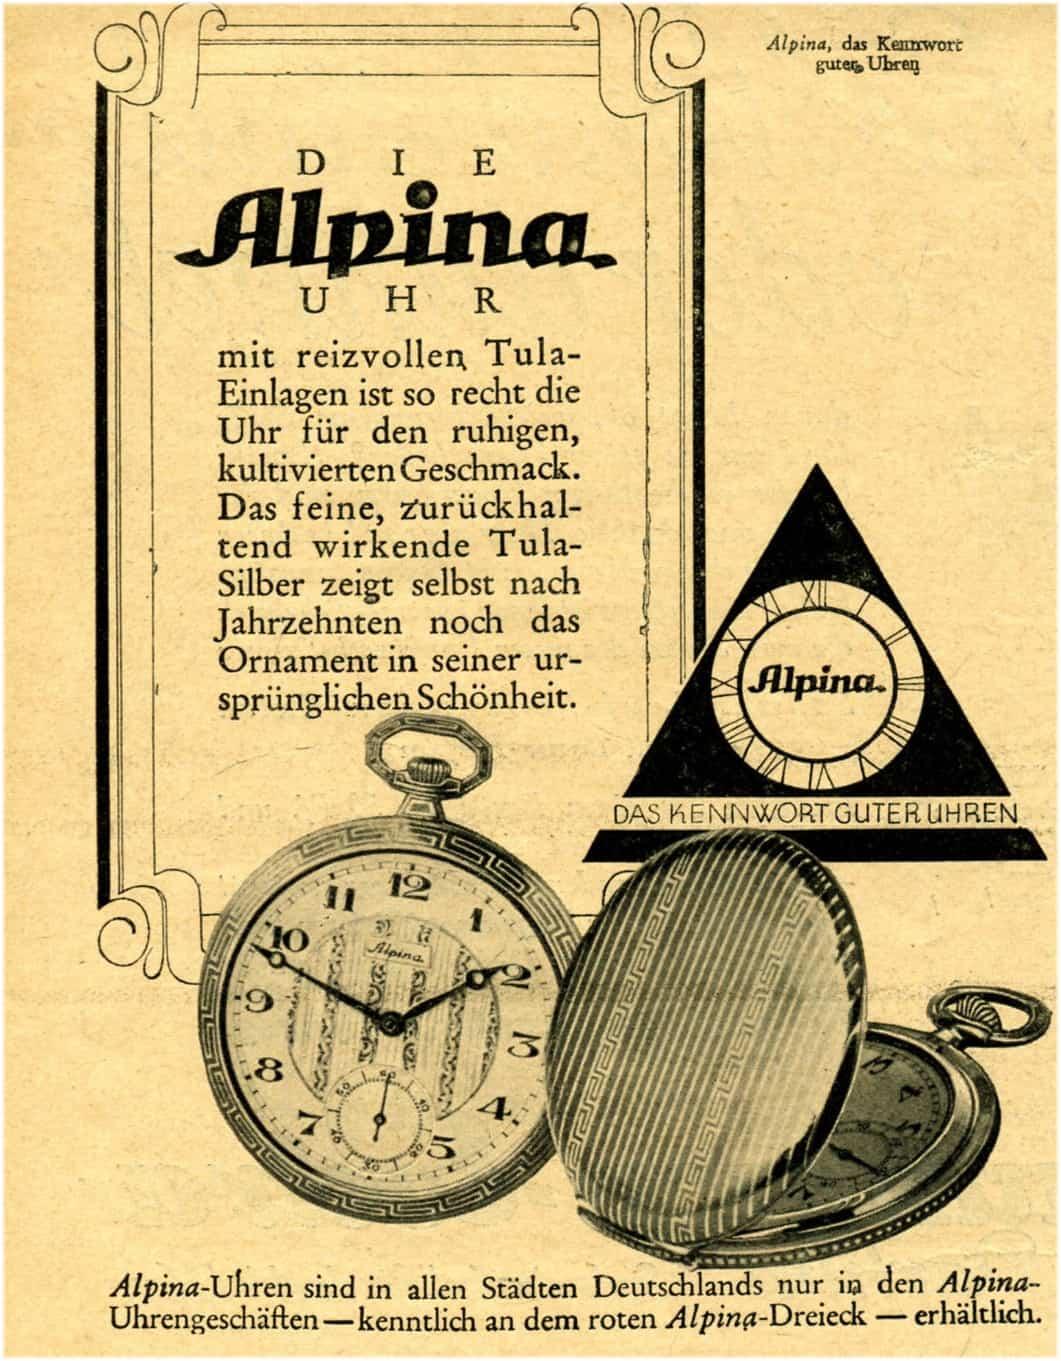 Alpina Anzeige aus den Zwanzigerjahren des letzten Jahrhundert